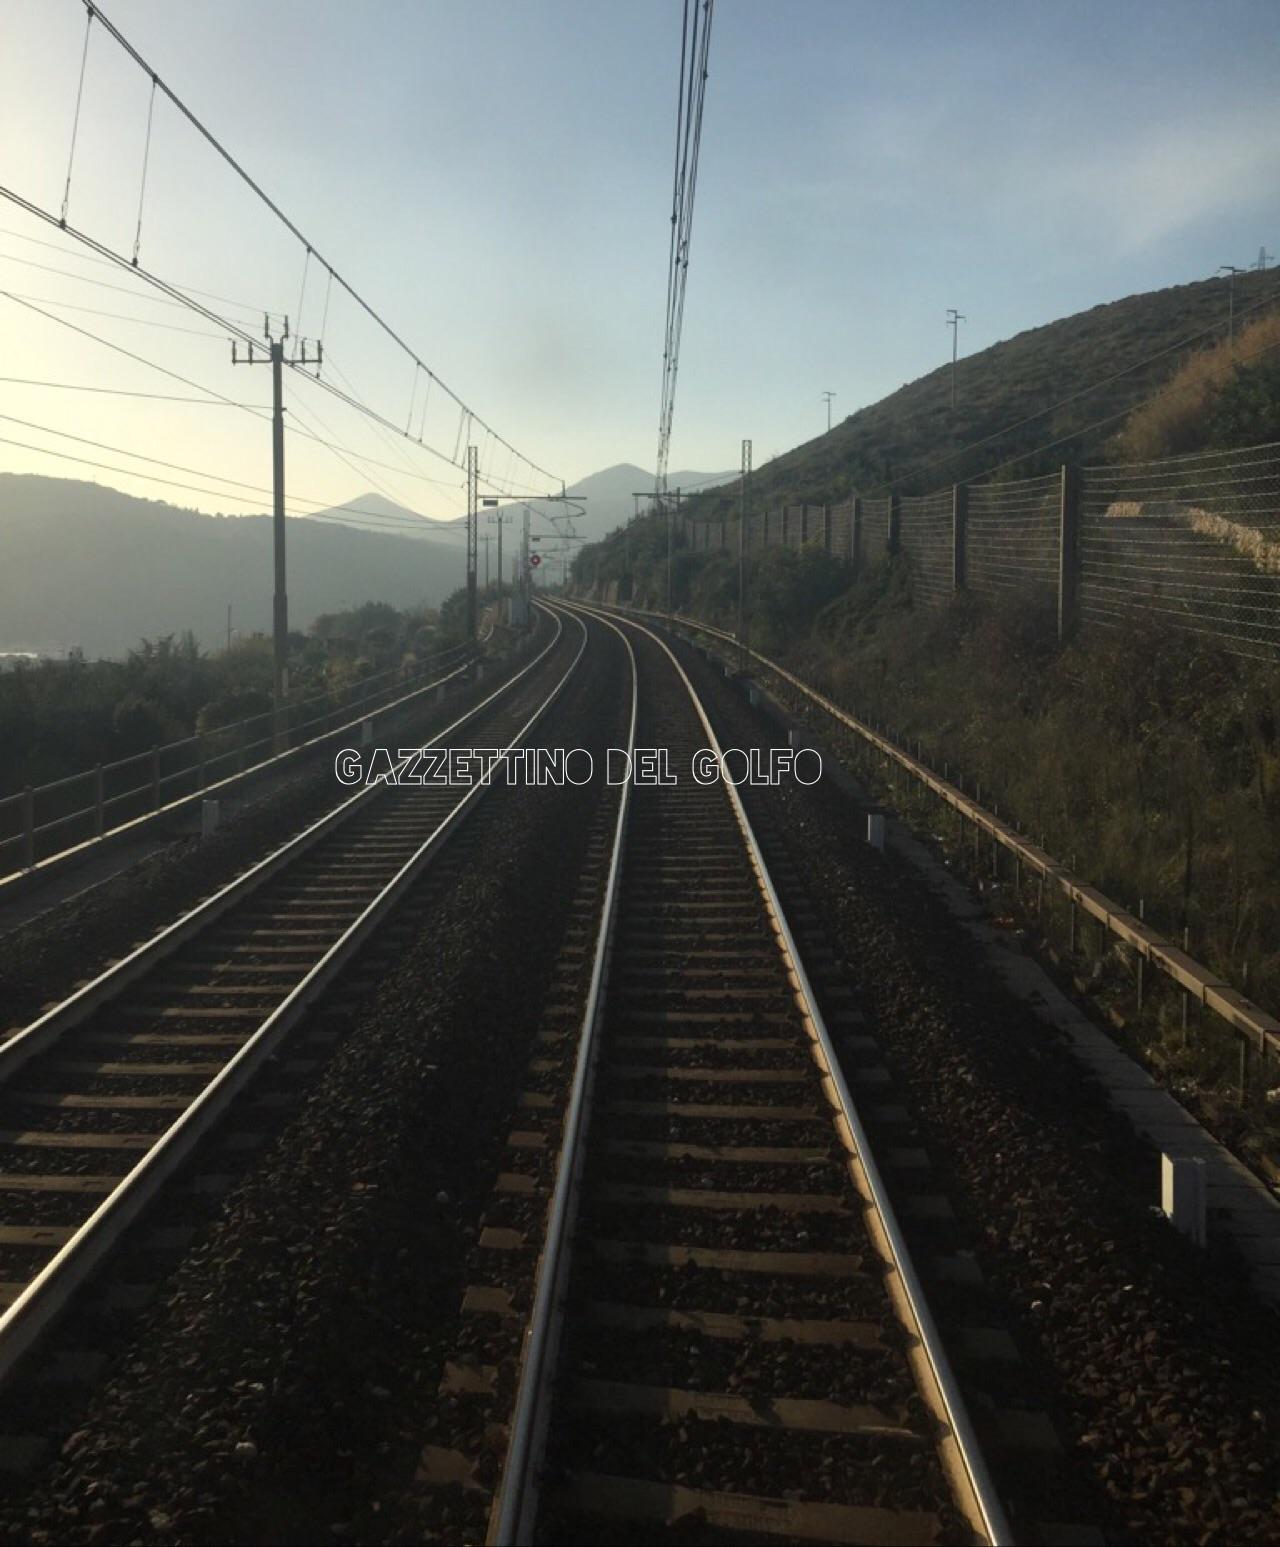 Investimento mortale sulla linea Roma-Napoli, traffico ferroviario in tilt